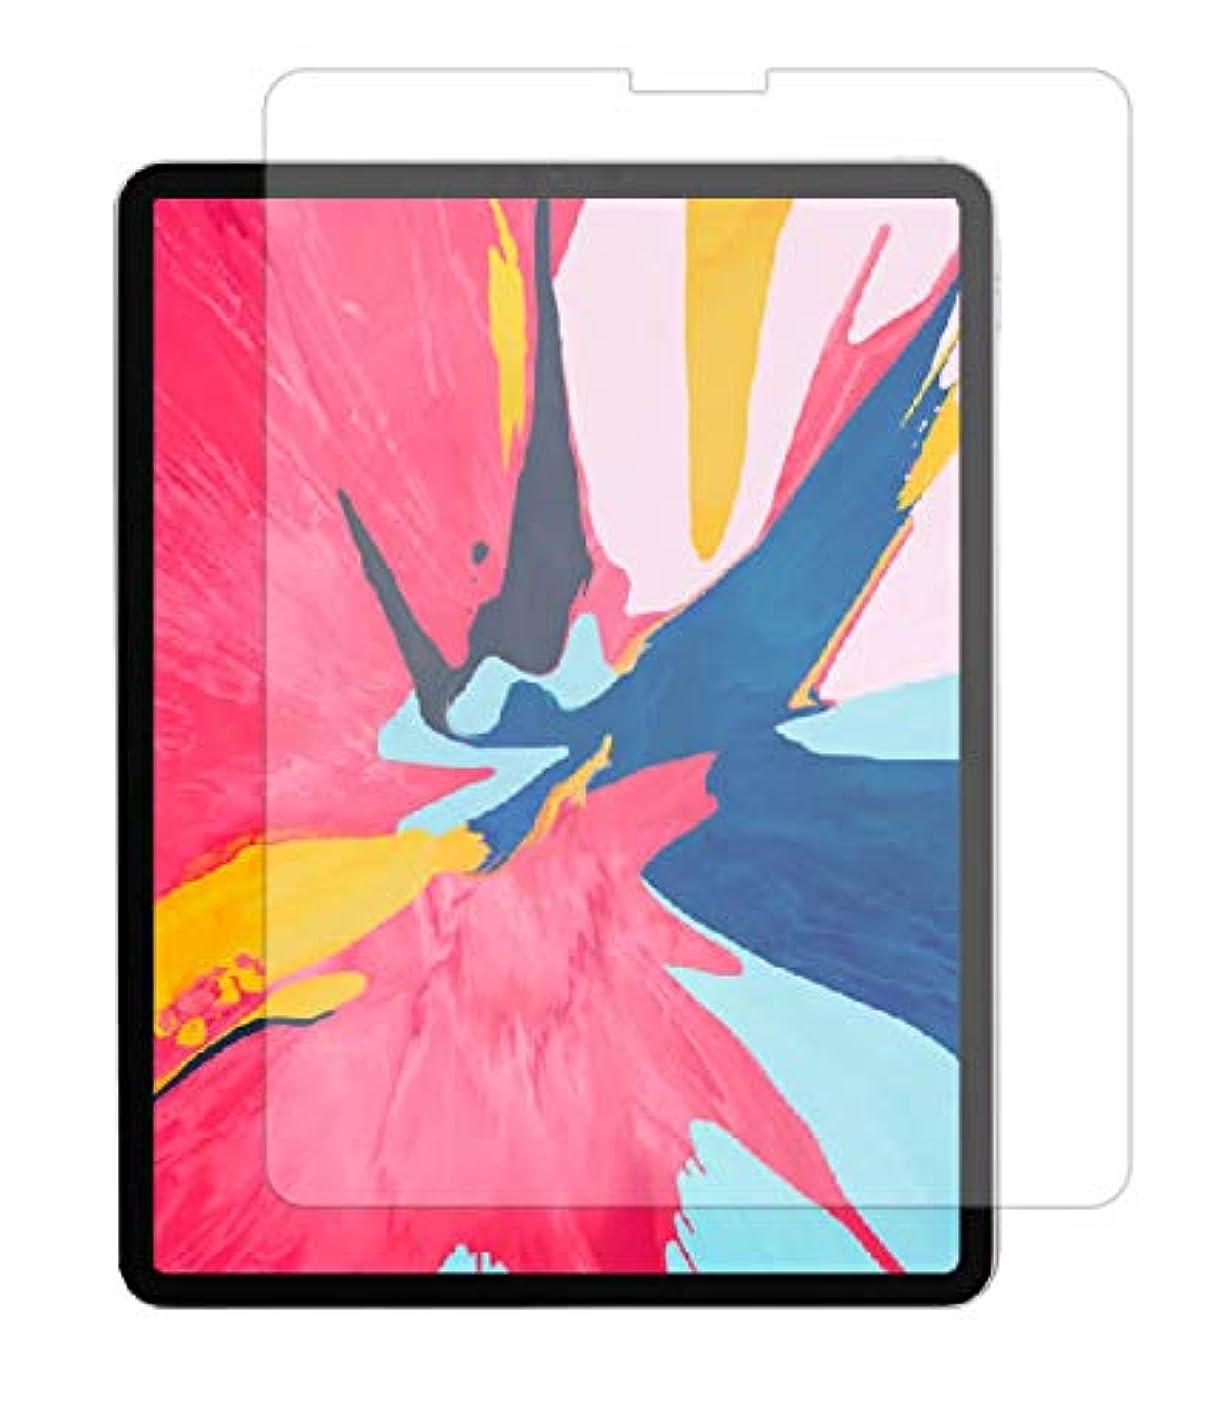 毛皮反響する登録するApple iPad Pro 11 2018年モデル 用 液晶保護フィルム 防指紋(クリア)タイプ